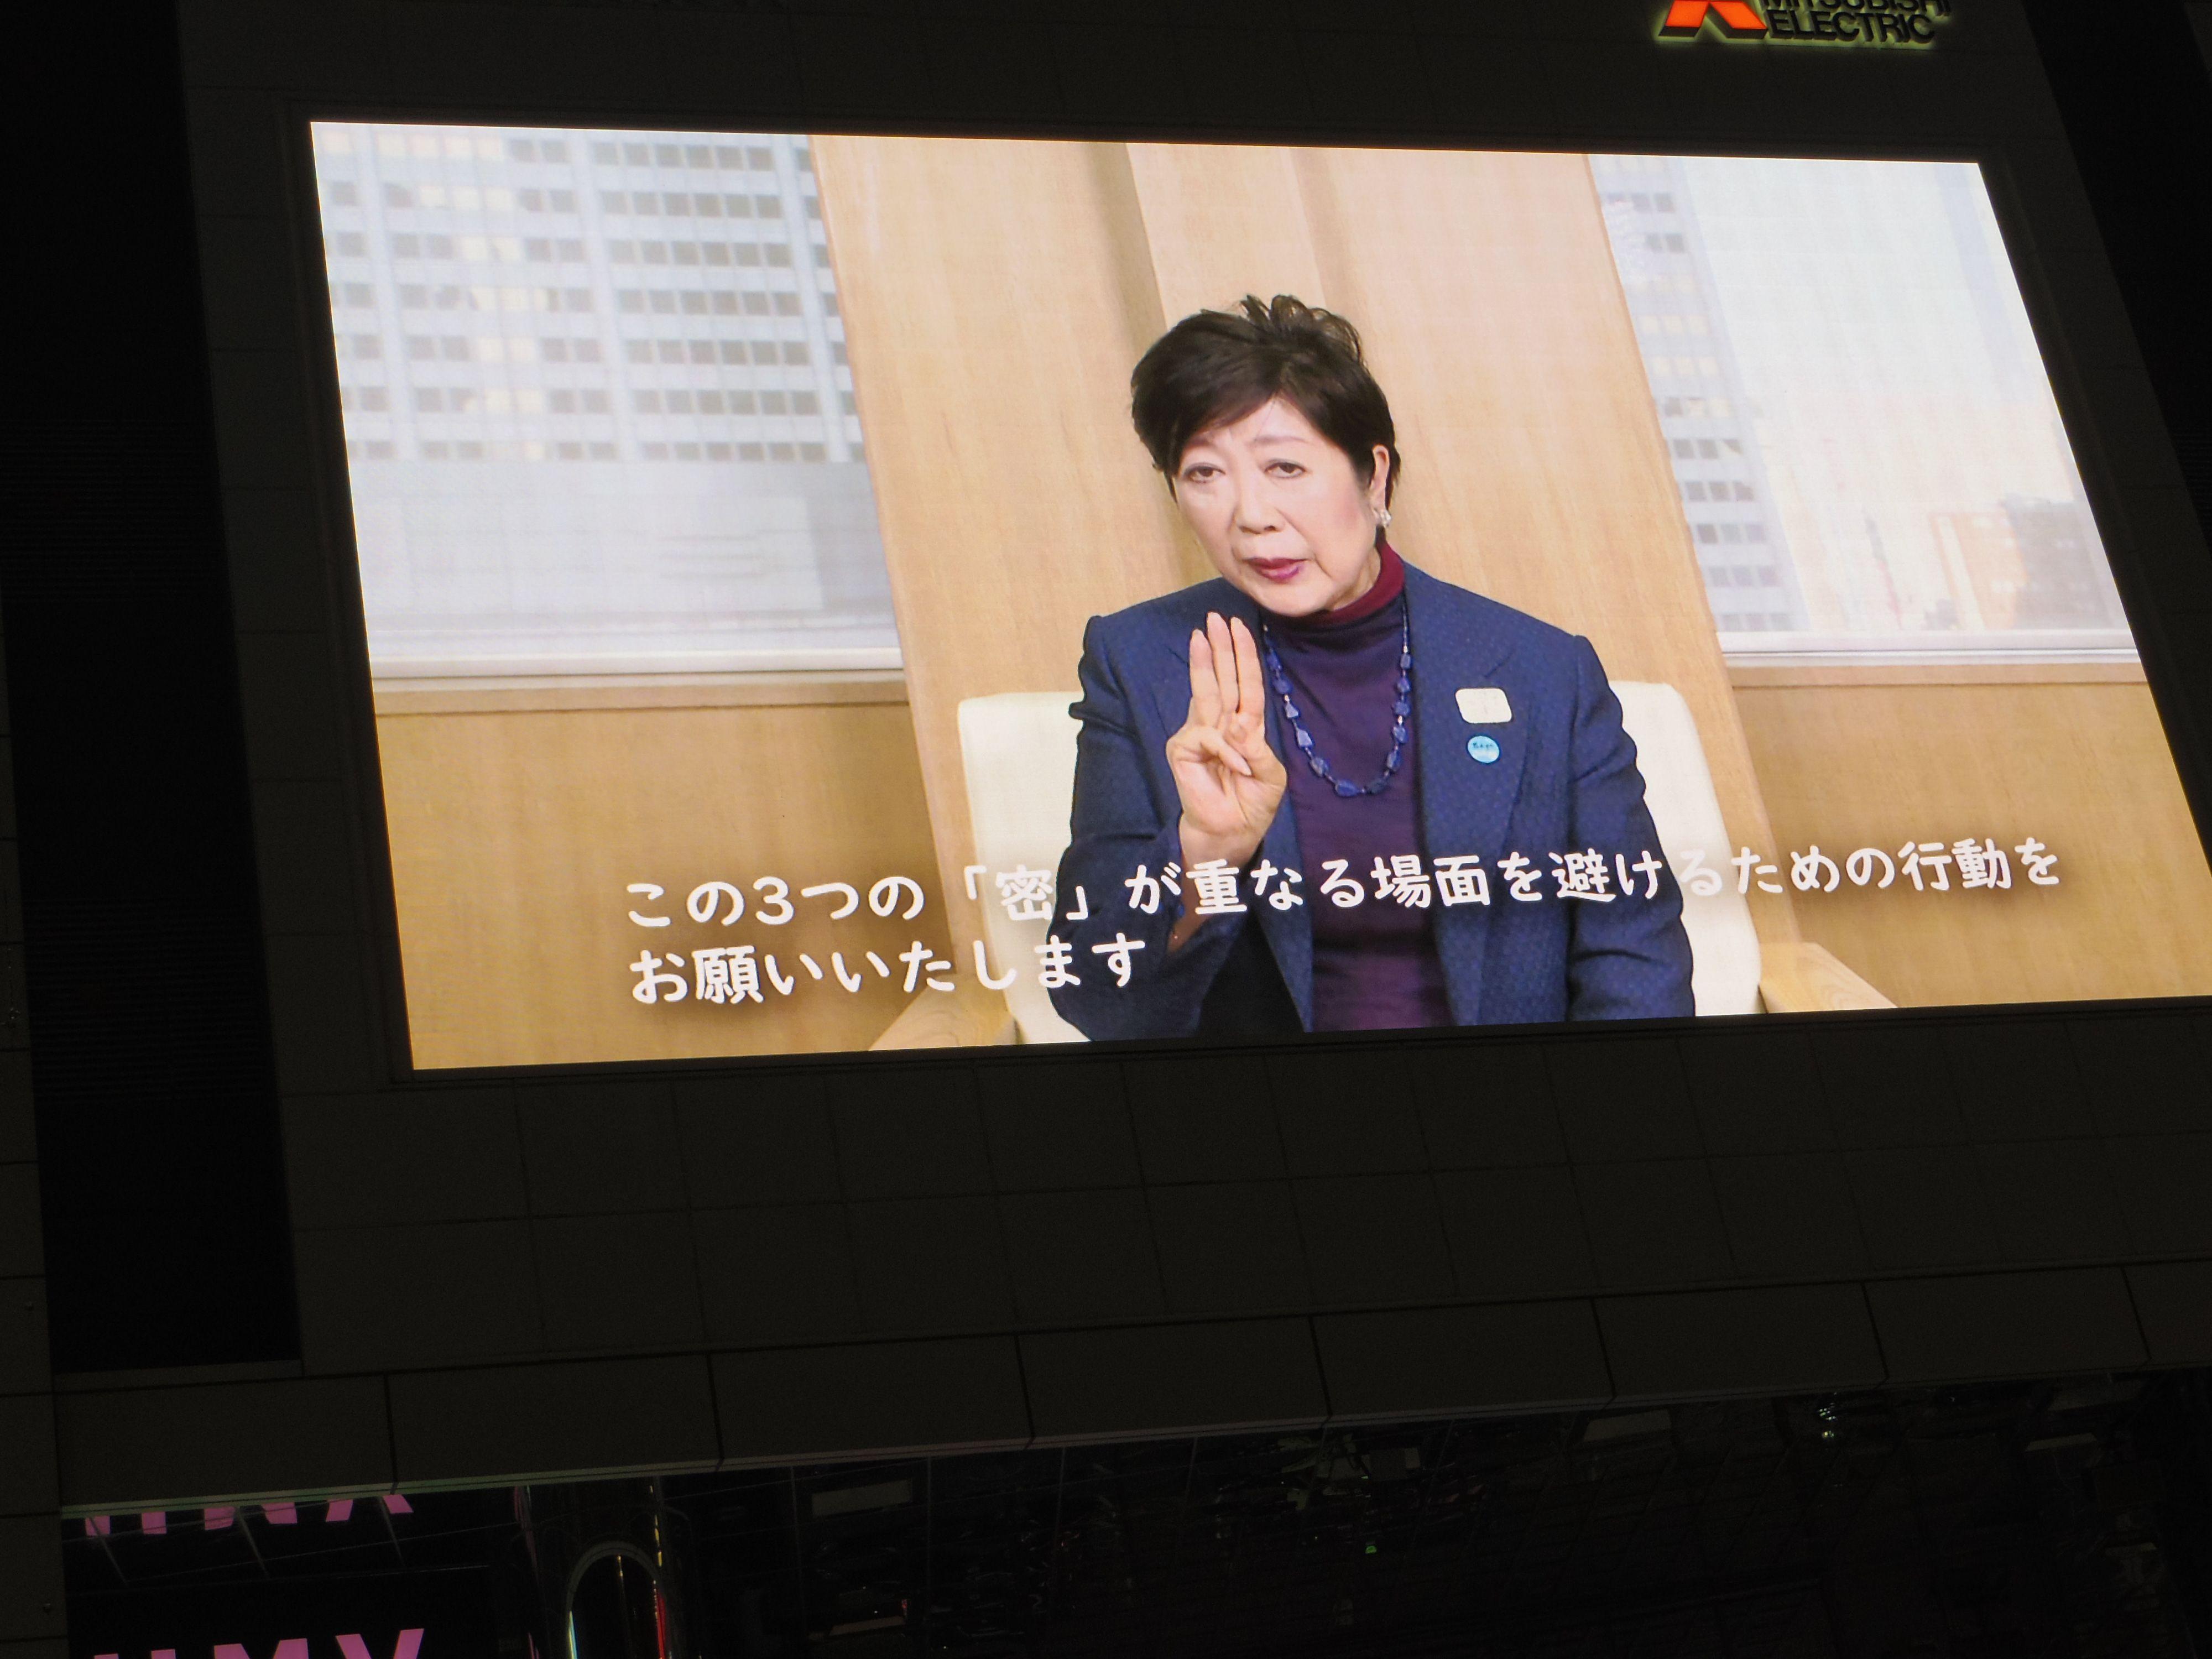 緊急事態宣言発令中「東京の夜の街を歩いてみた」【新宿・渋谷の動画】の画像001